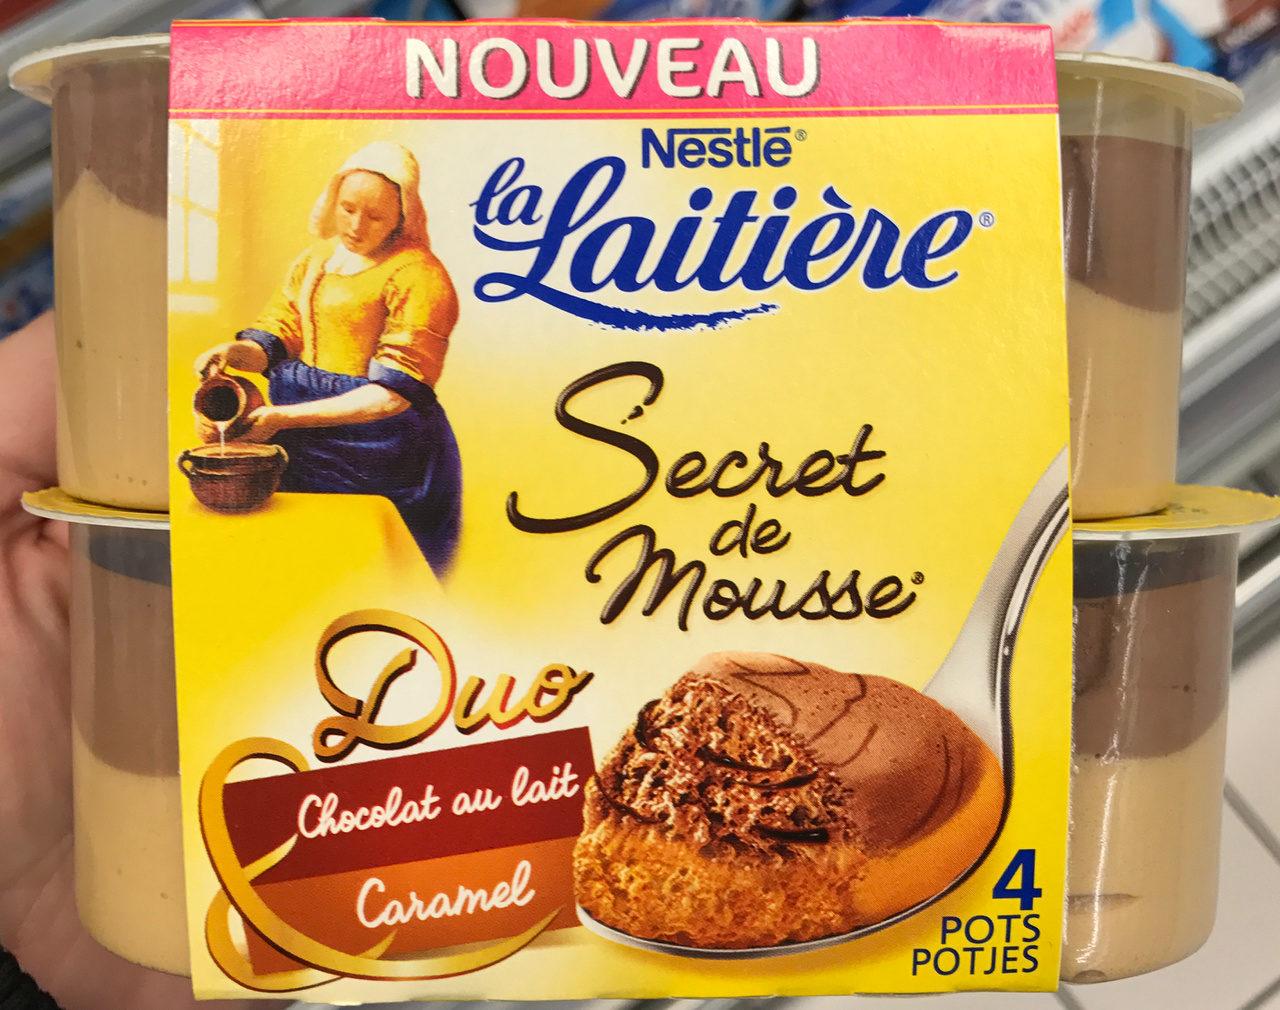 la laiti re secret de mousse duo chocolat au lait caramel nestl. Black Bedroom Furniture Sets. Home Design Ideas